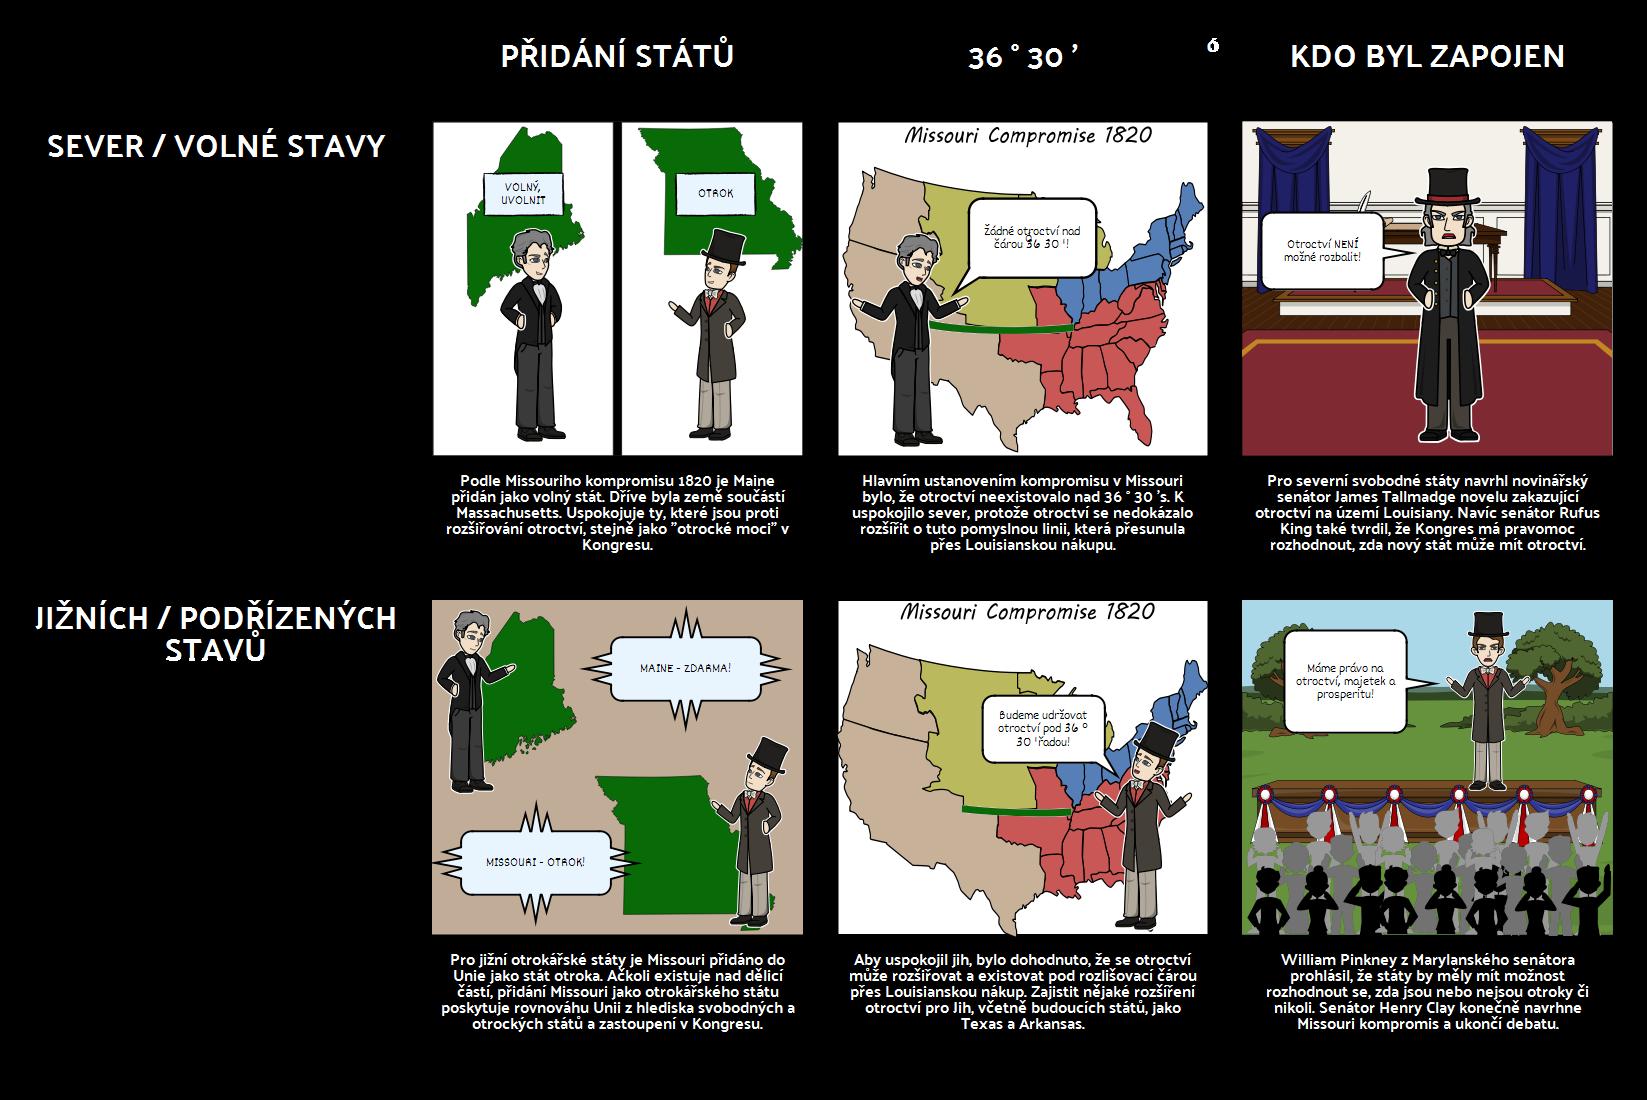 Missouri kompromisu 1820 - který dostal Jaký